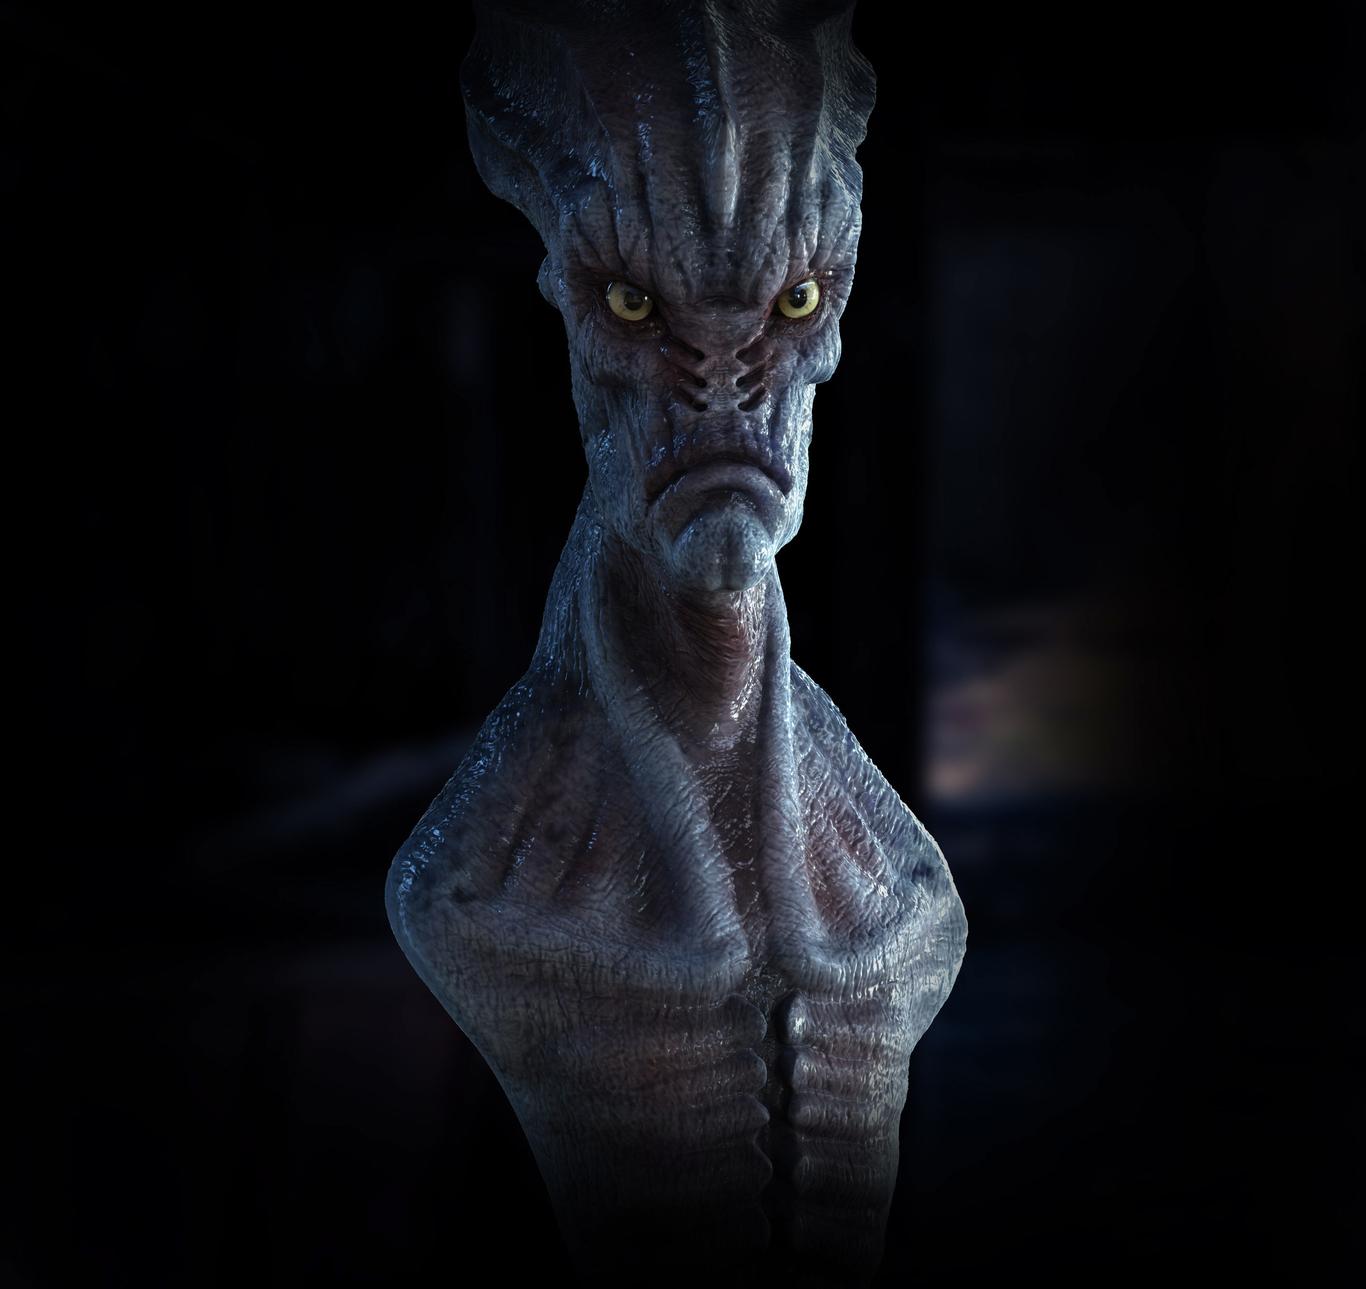 Narendrak alien 1 f03fee11 x39f